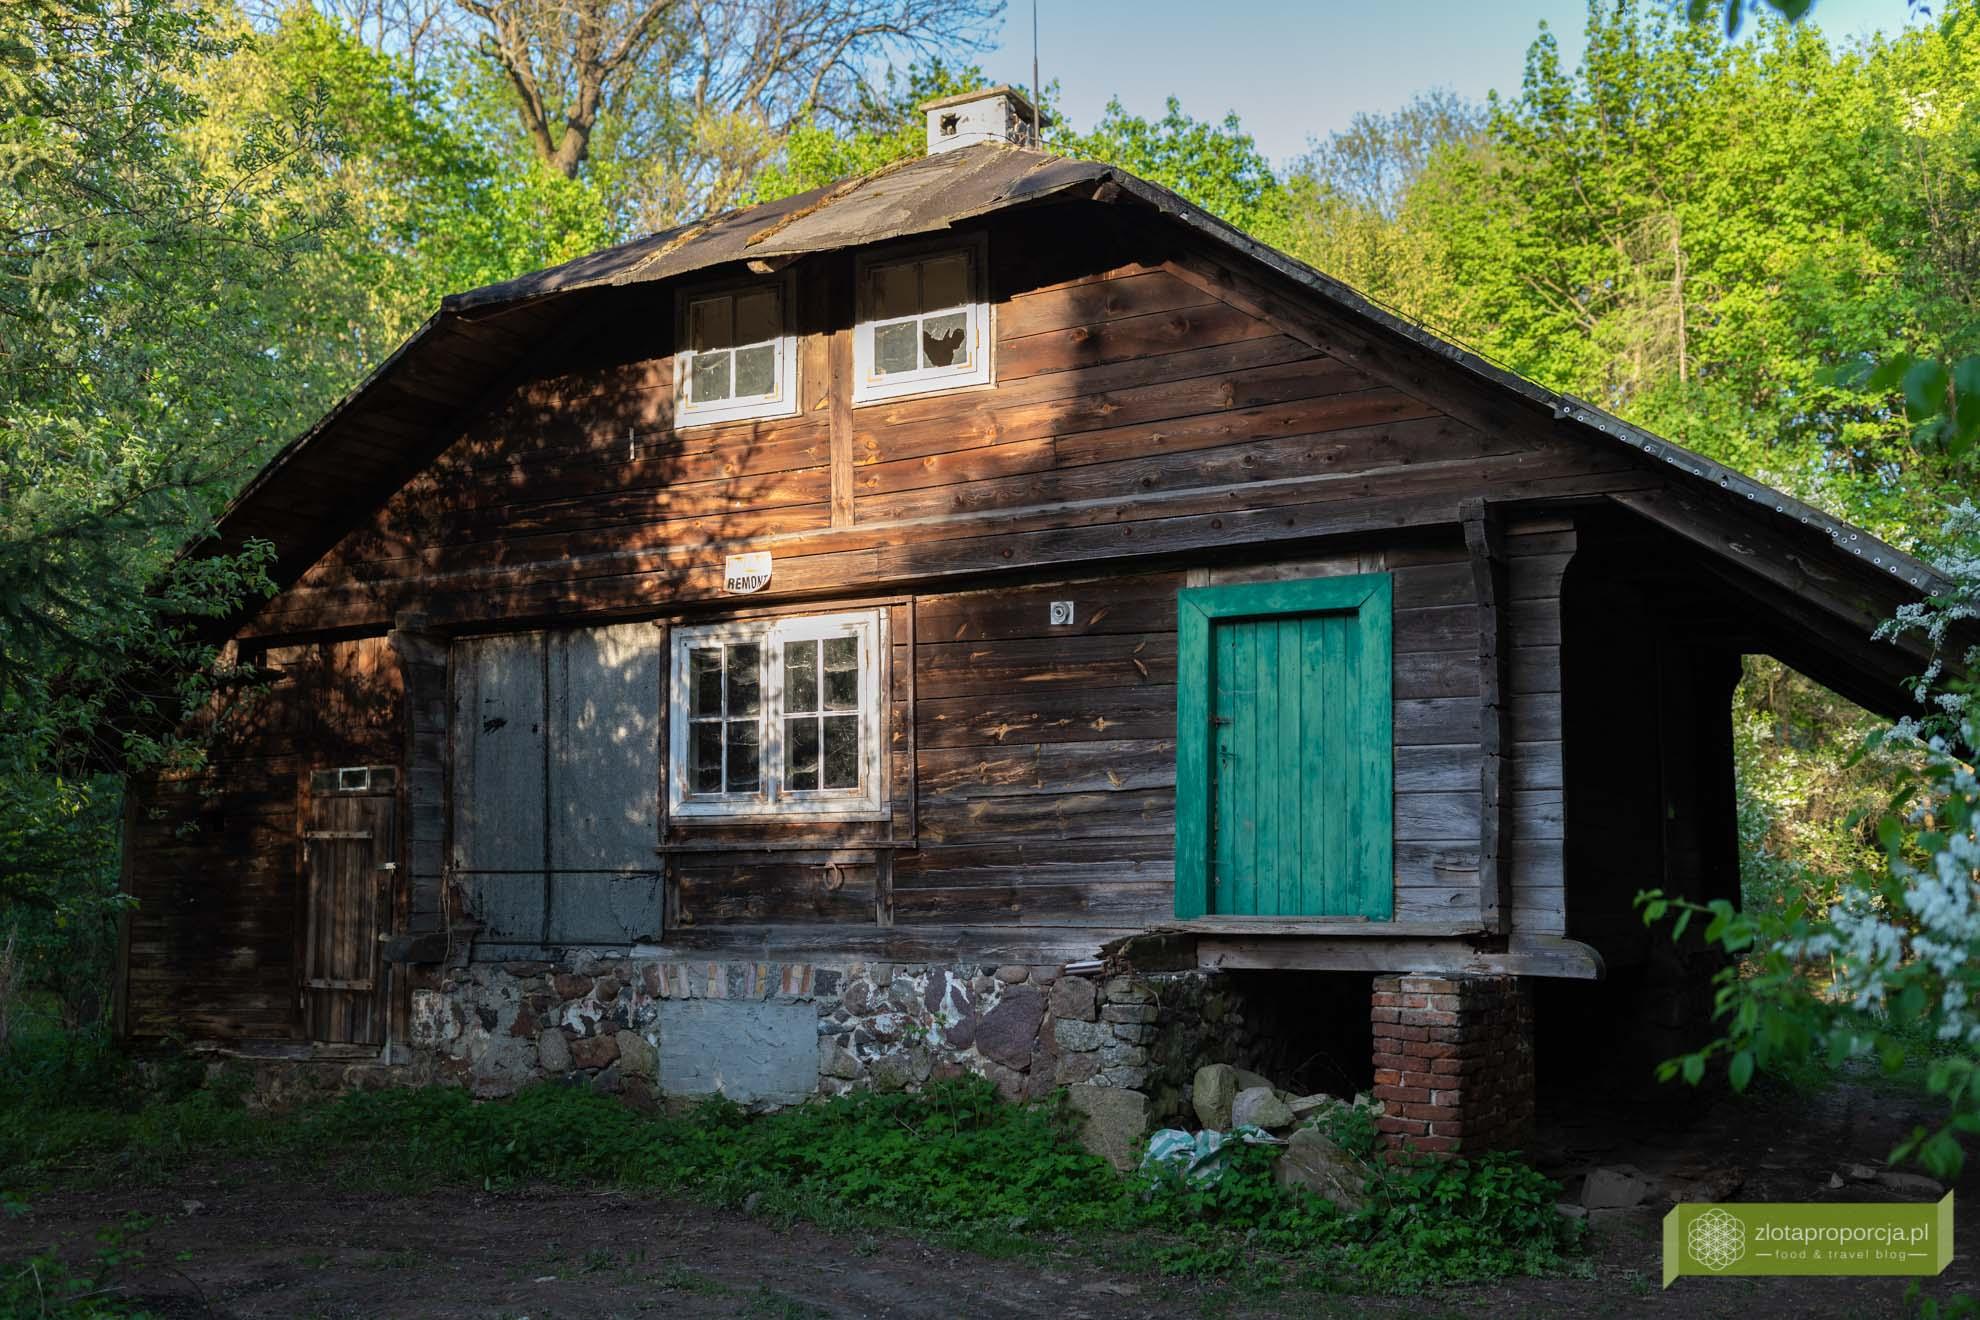 Morysin; Rezerwat Przyrody Morysin; Wilanów; atrakcje Wilanowa; Warszawa; Gajówka